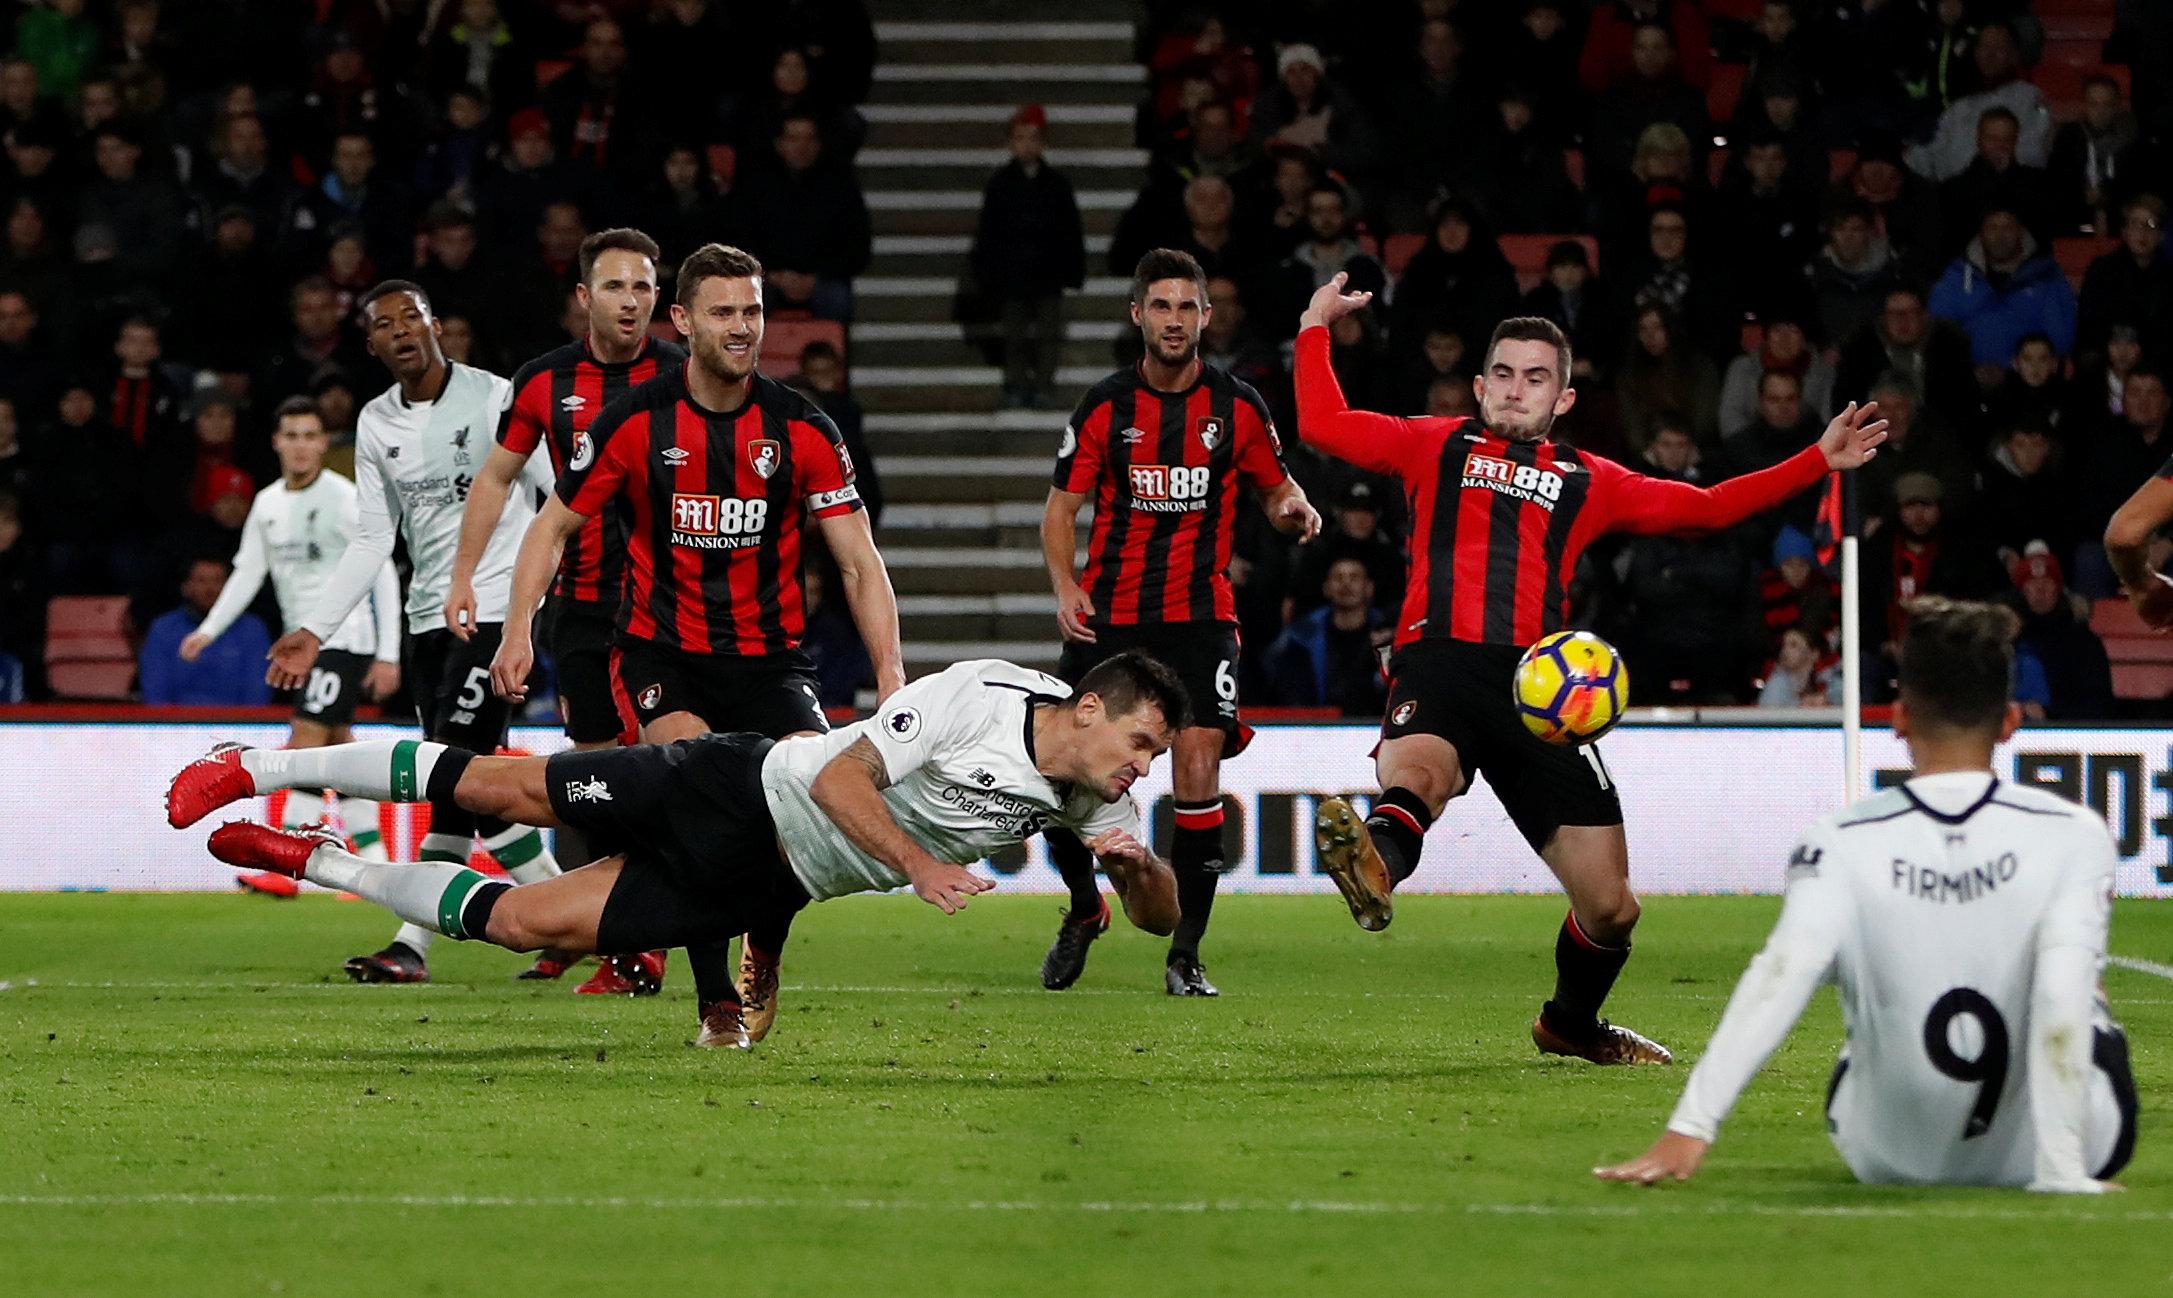 Pha đánh đầu nâng tỉ số lên 2-0 cho Liverpool của Lovren. Ảnh: REUTERS